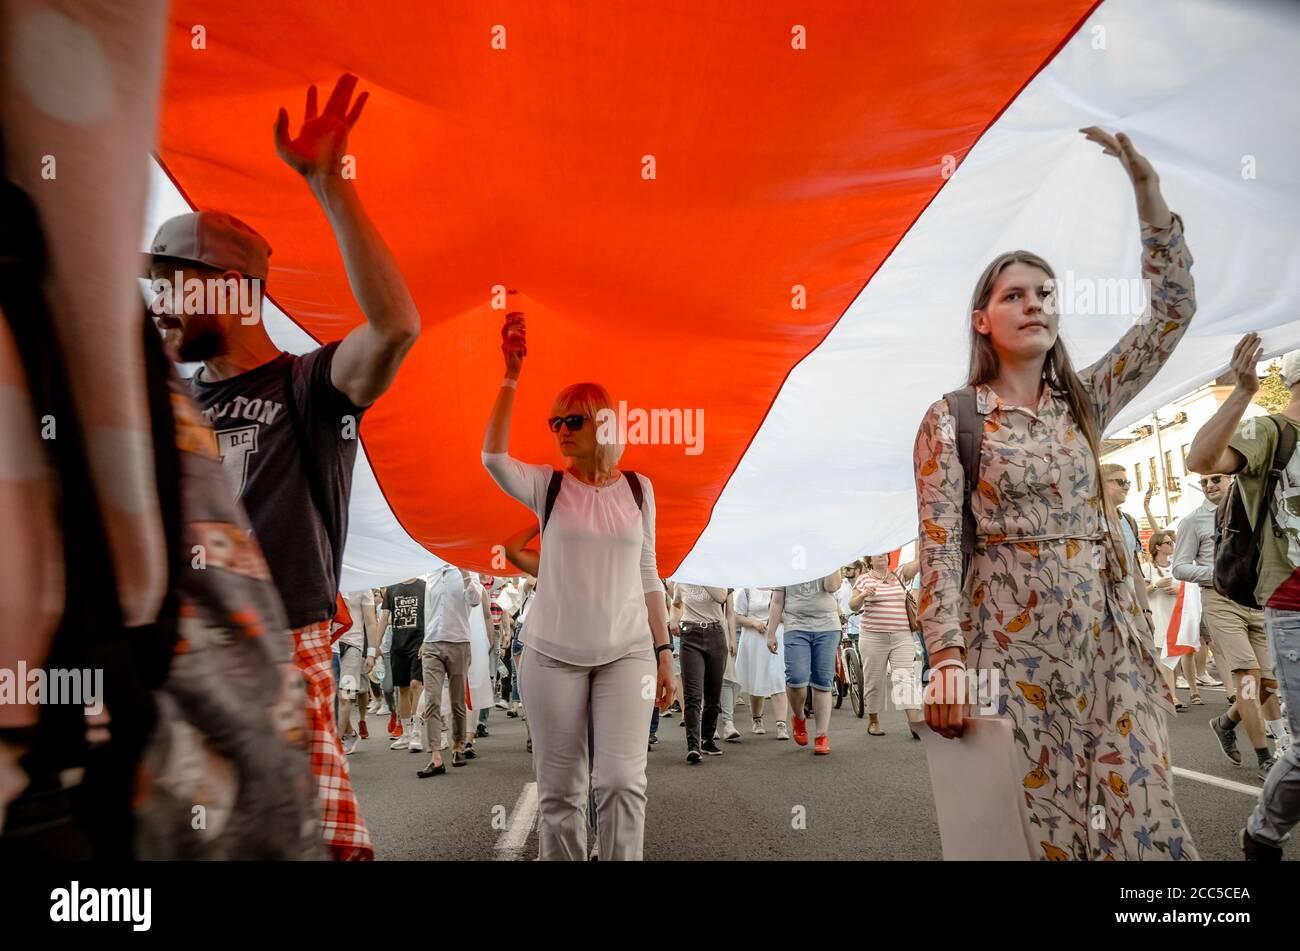 Minsk, Bielorrusia - 16 de agosto de 2020: El pueblo bielorruso lleva bandera histórica gigante de Bielorrusia. Participan en protestas pacíficas después de la presidencia de el Foto de stock